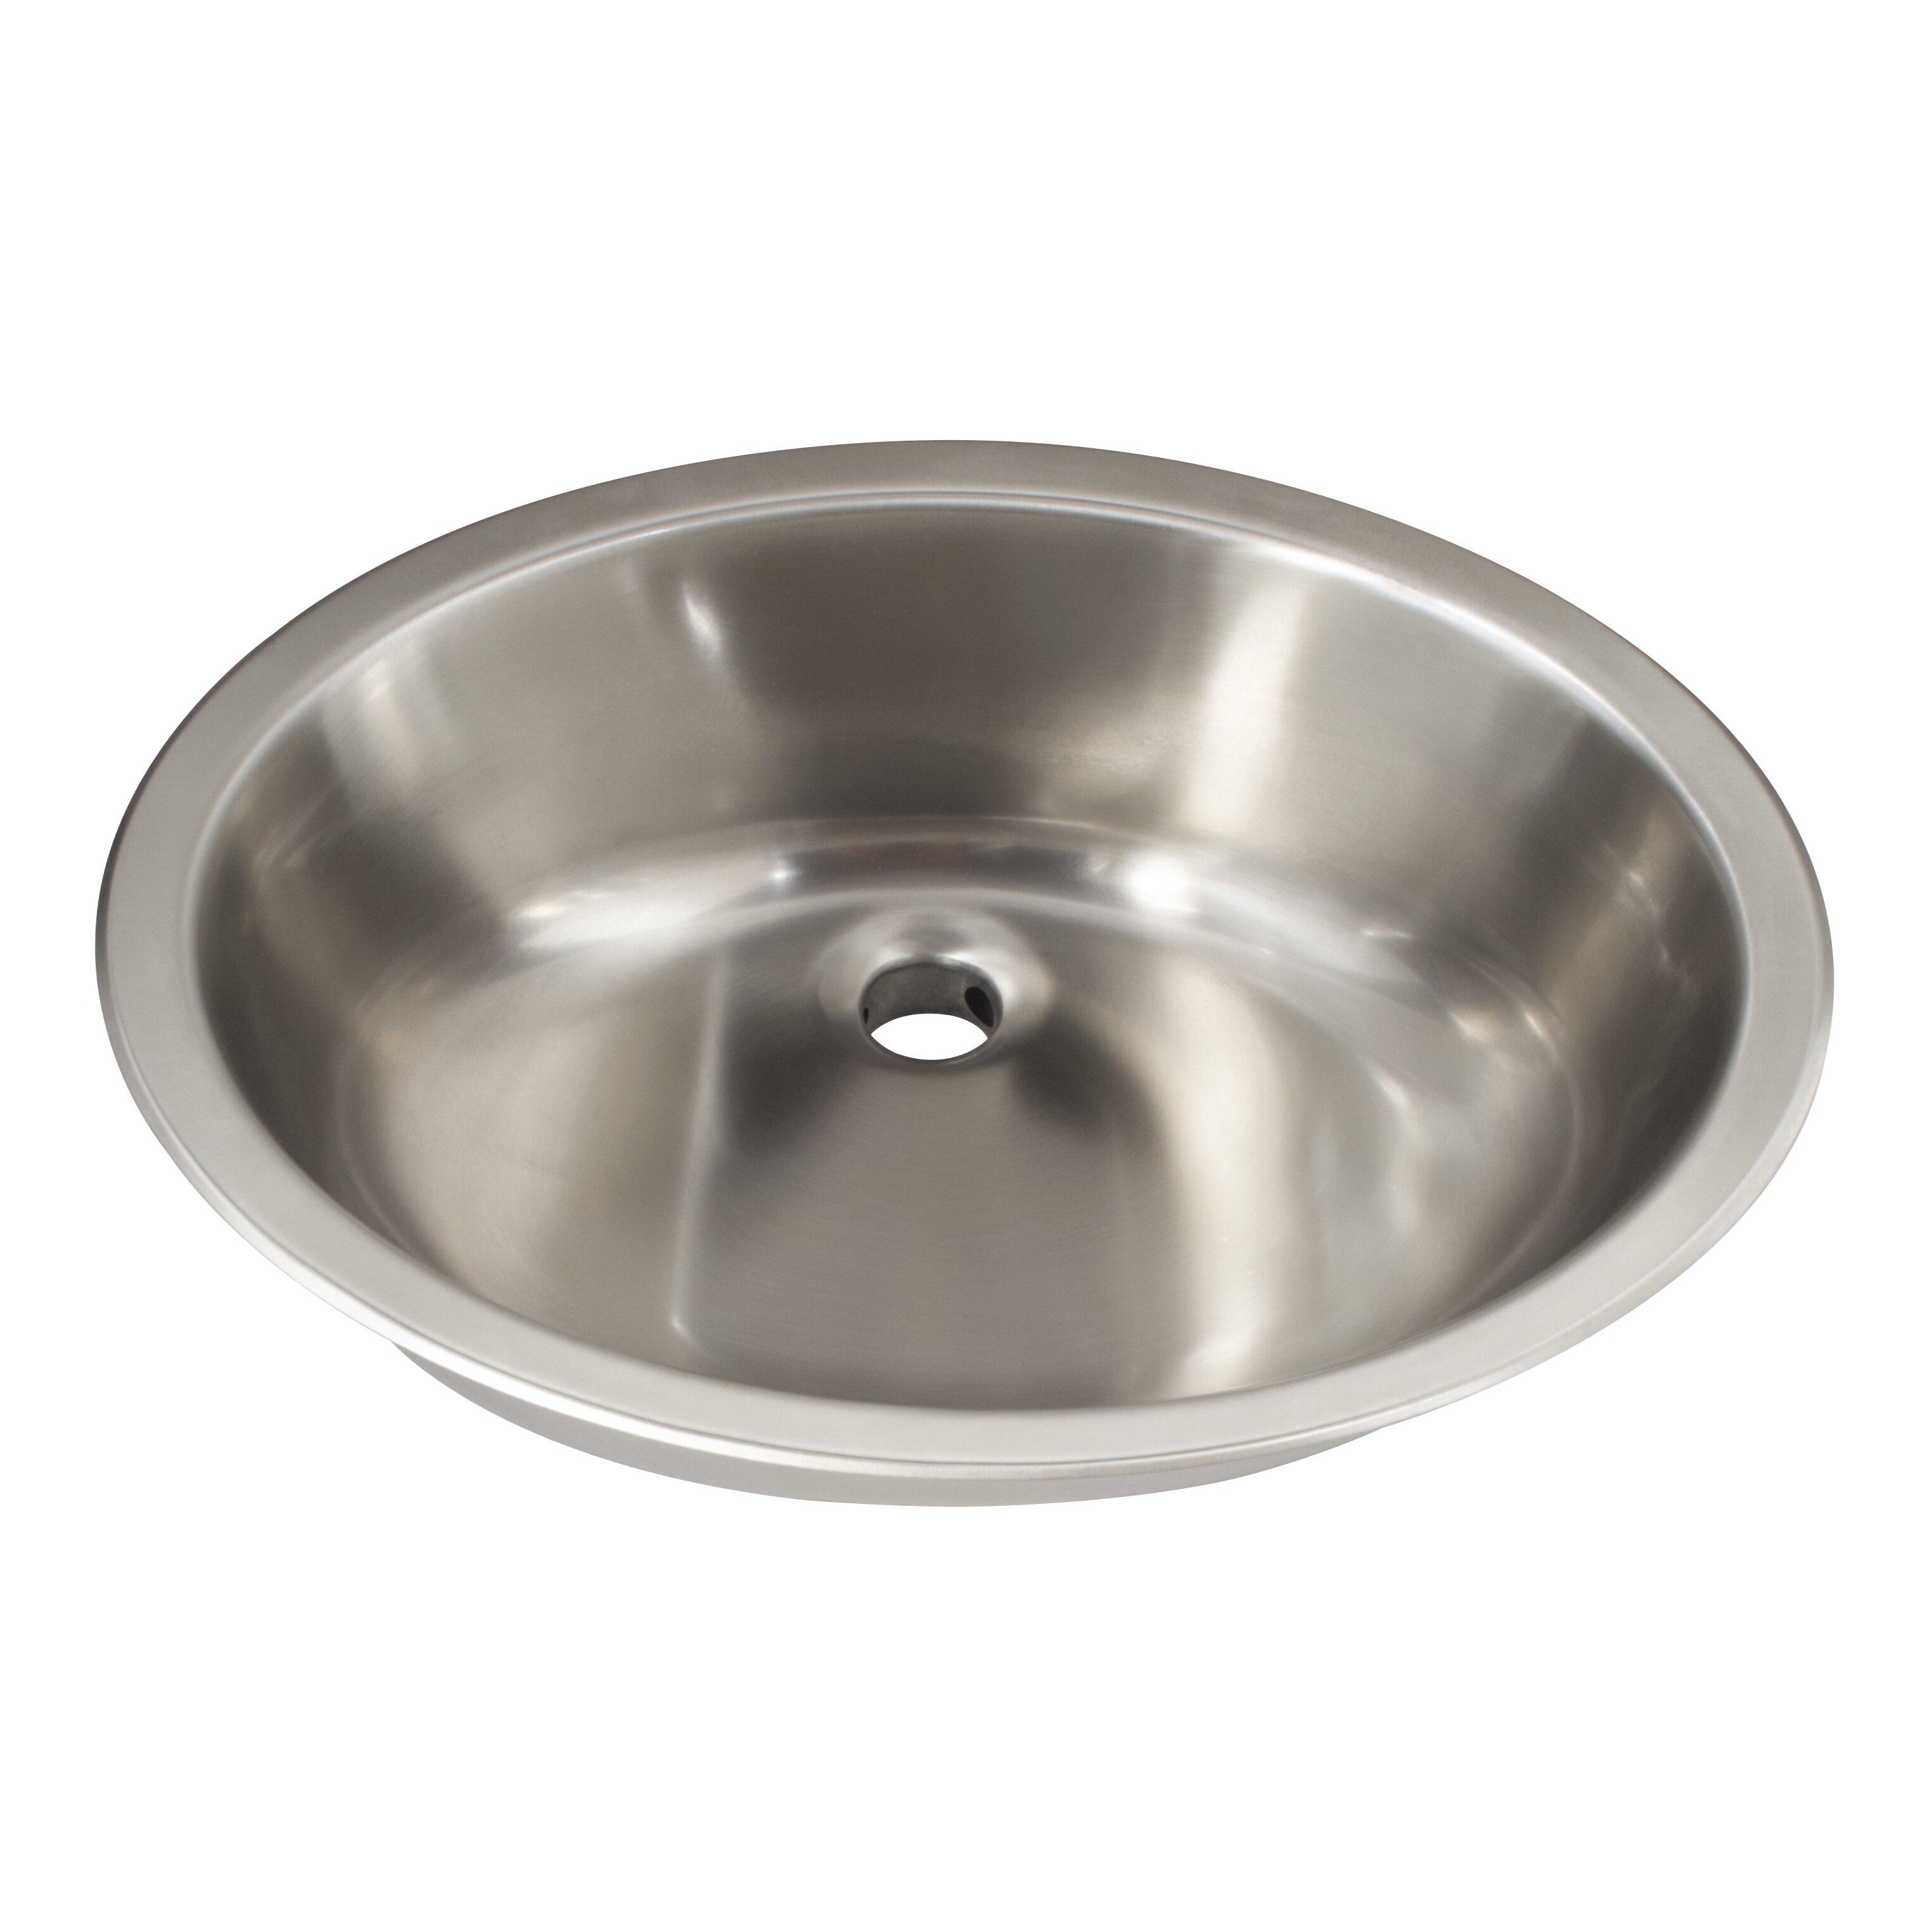 Single Bowl Vanity Bathroom Sink Wayfair Supply